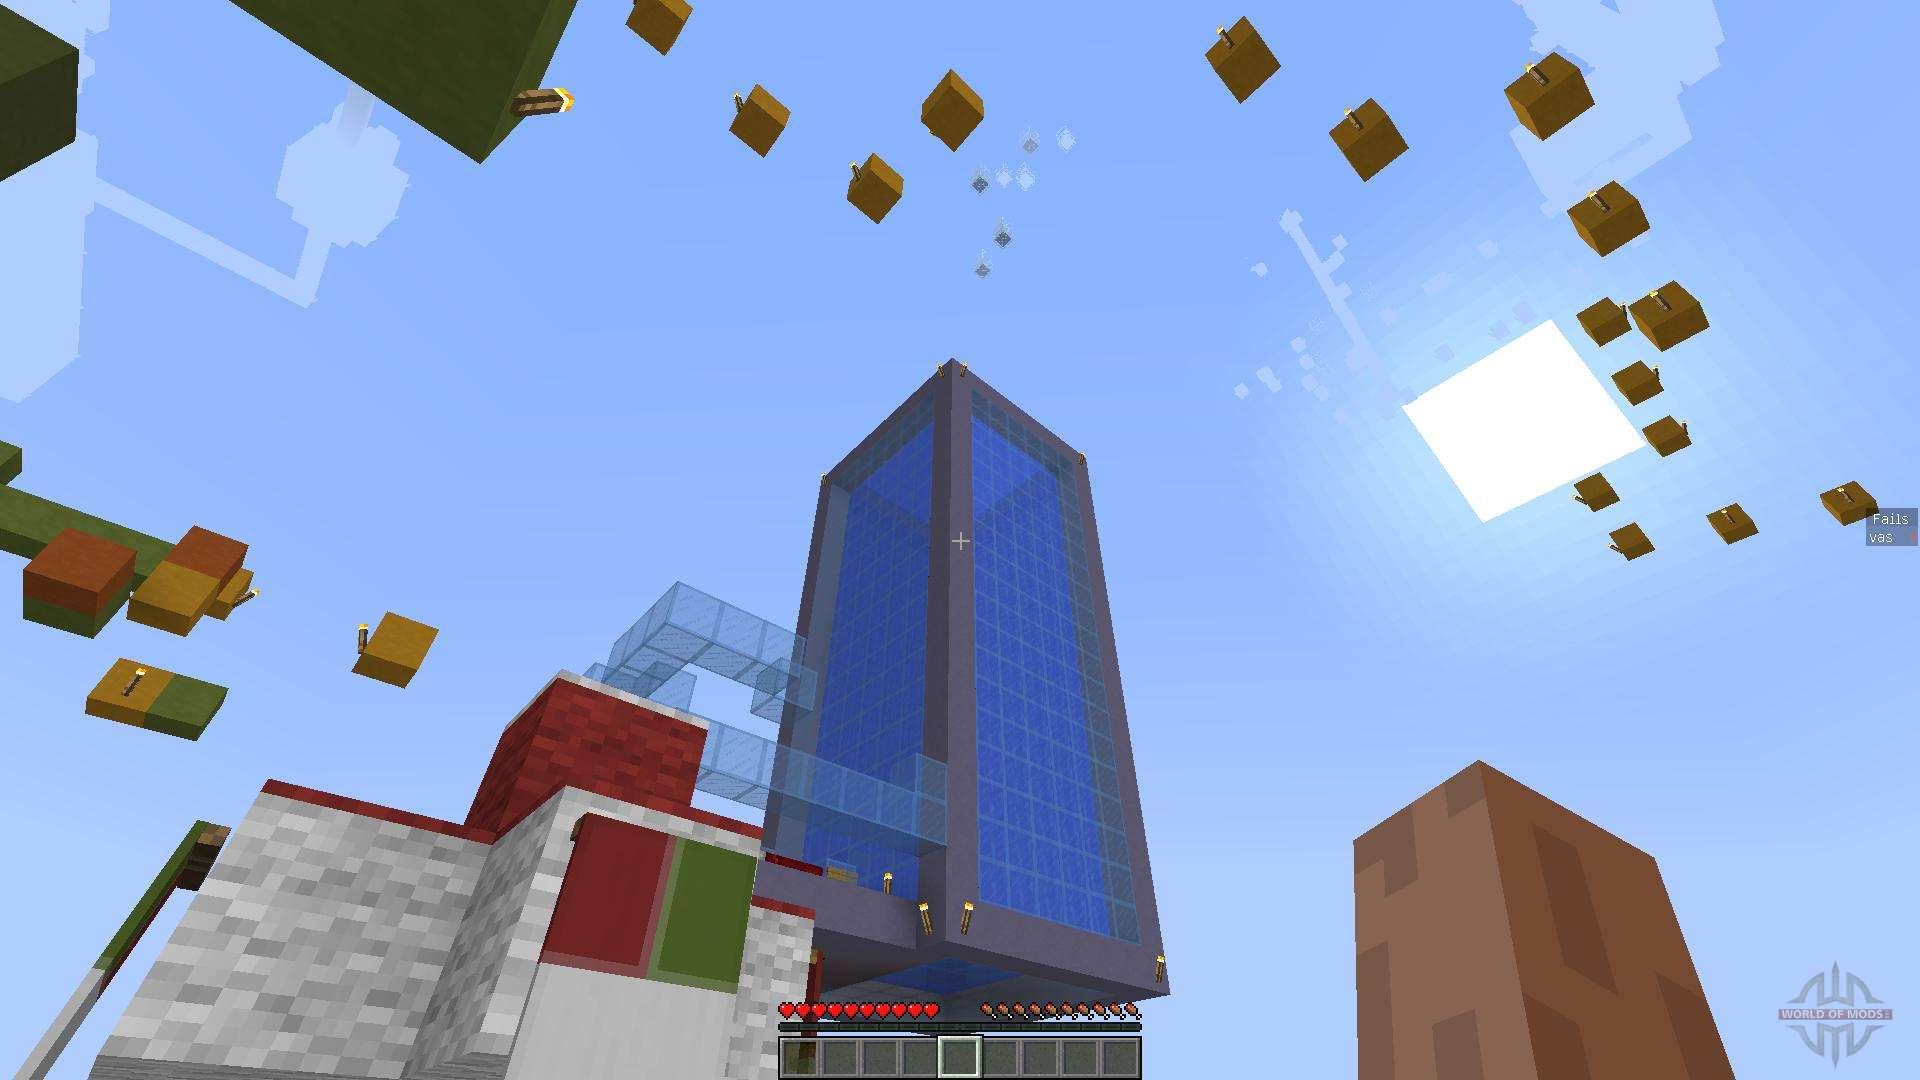 Паркур карты для Minecraft 1.9.2/1.8.9/1.7.10/1.7.2/1.5.2 ...